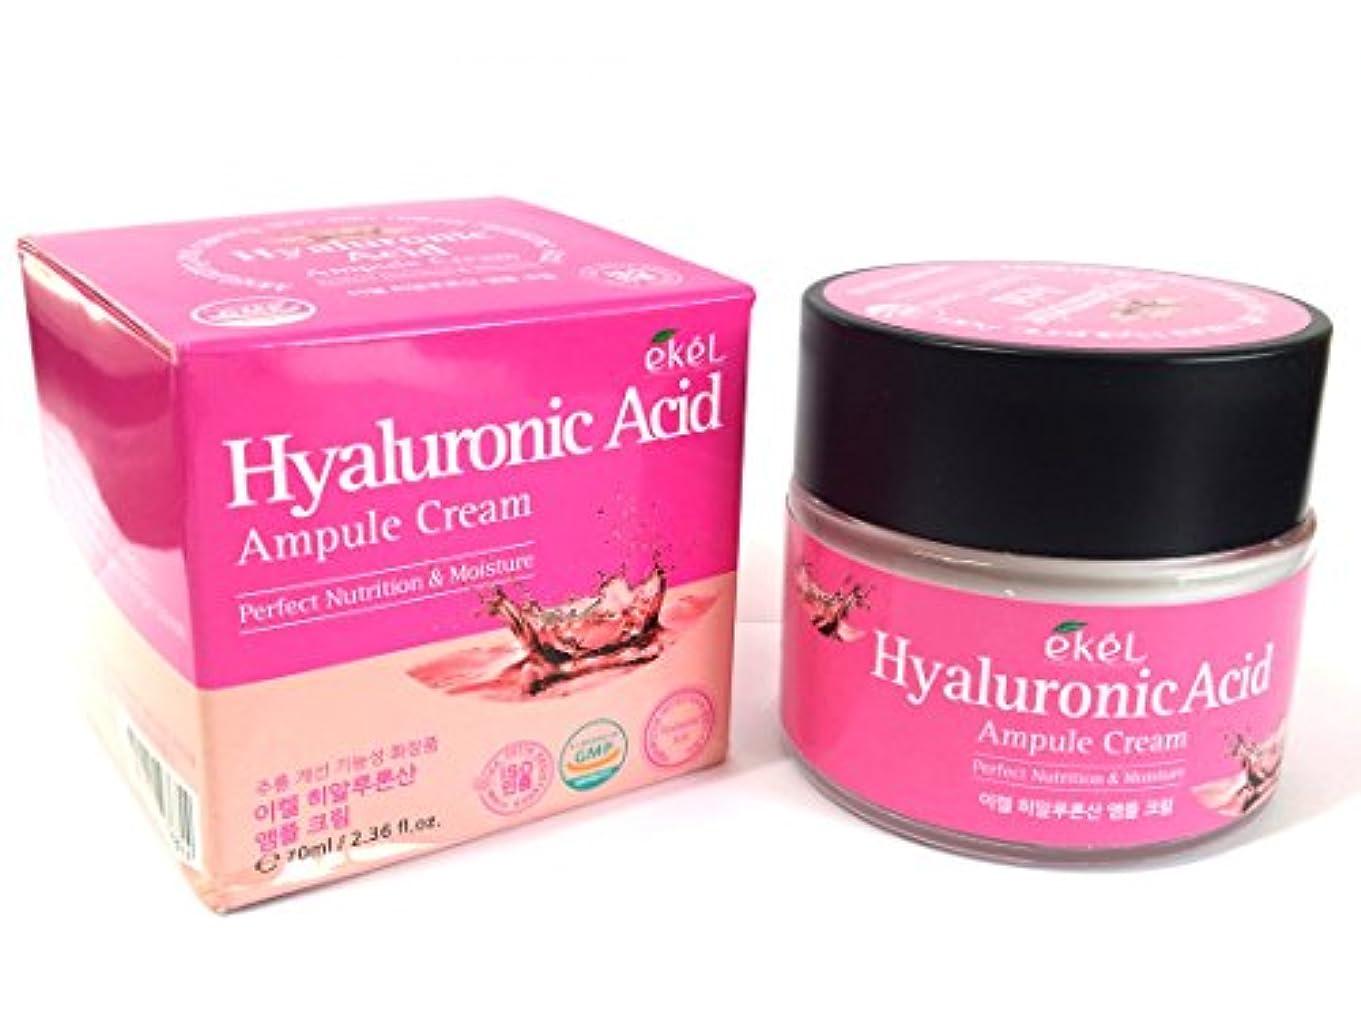 ラボに沿って治安判事[EKEL] ヒアルロン酸アンプルクリーム70ml / 完璧な栄養と水分 / 韓国化粧品/ Hyaluronic Acid Ampule Cream 70ml / Perfect Nutrition & Moisture...